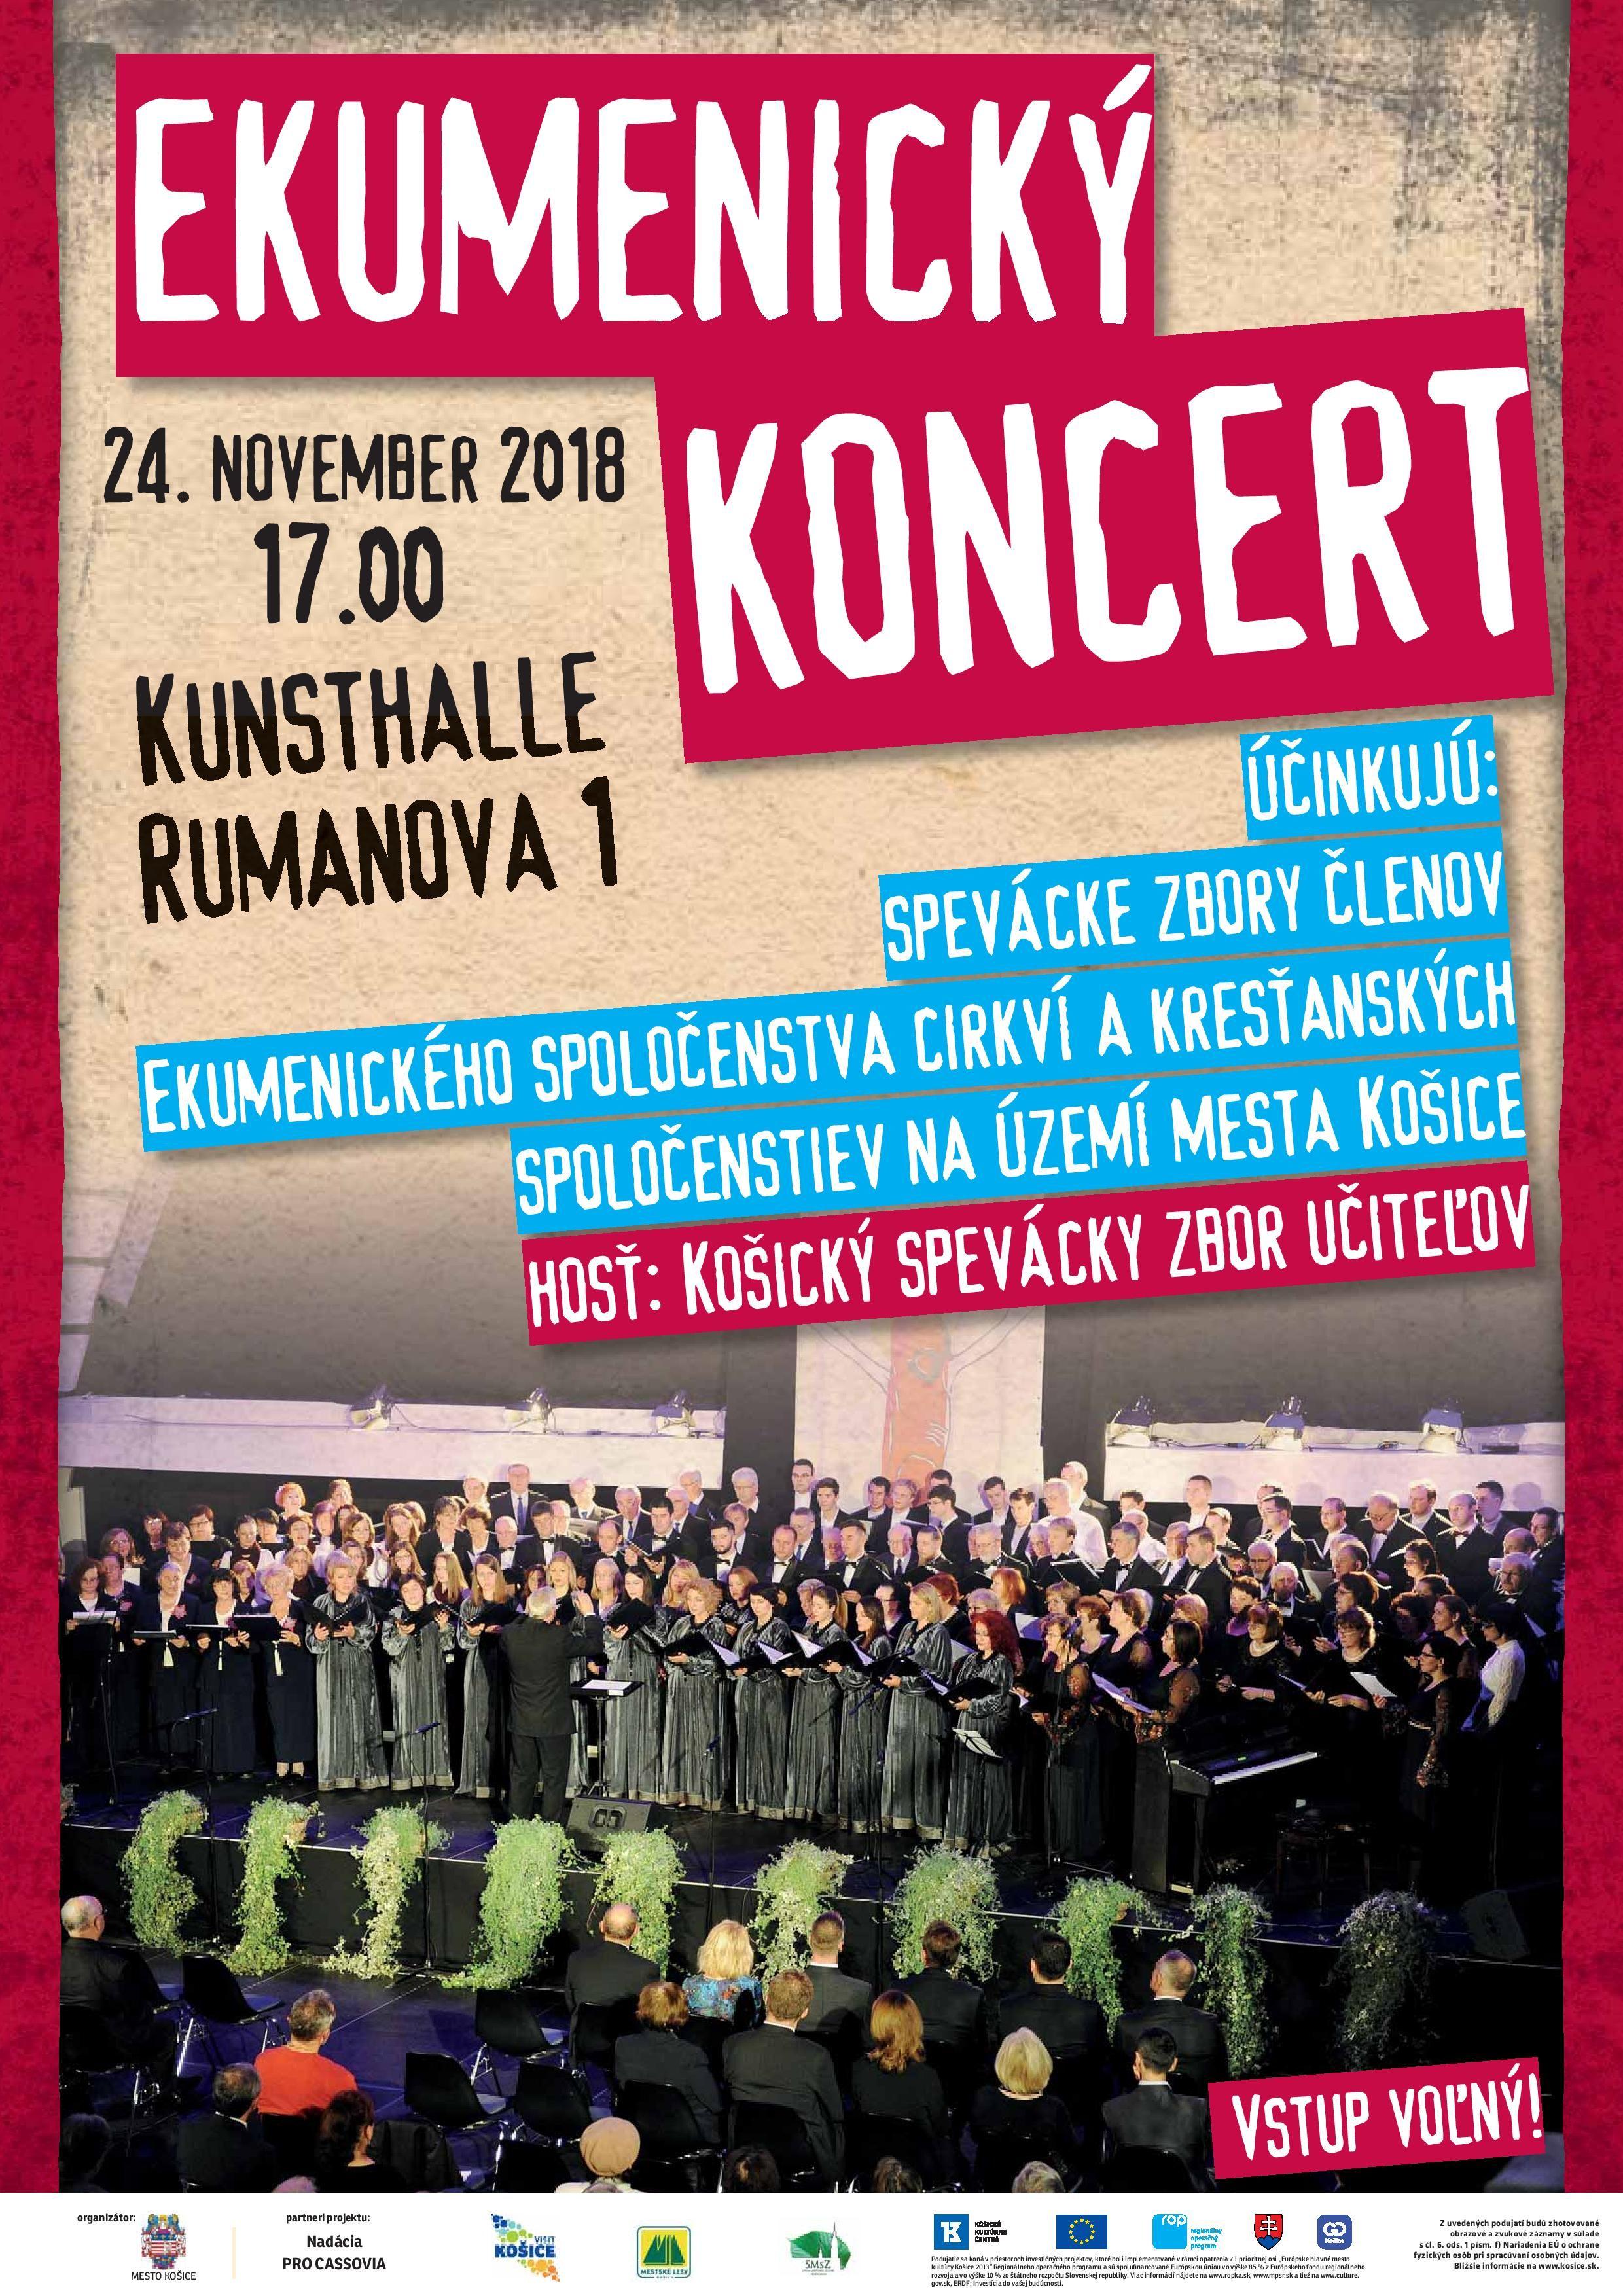 ekumenicky_koncert_01